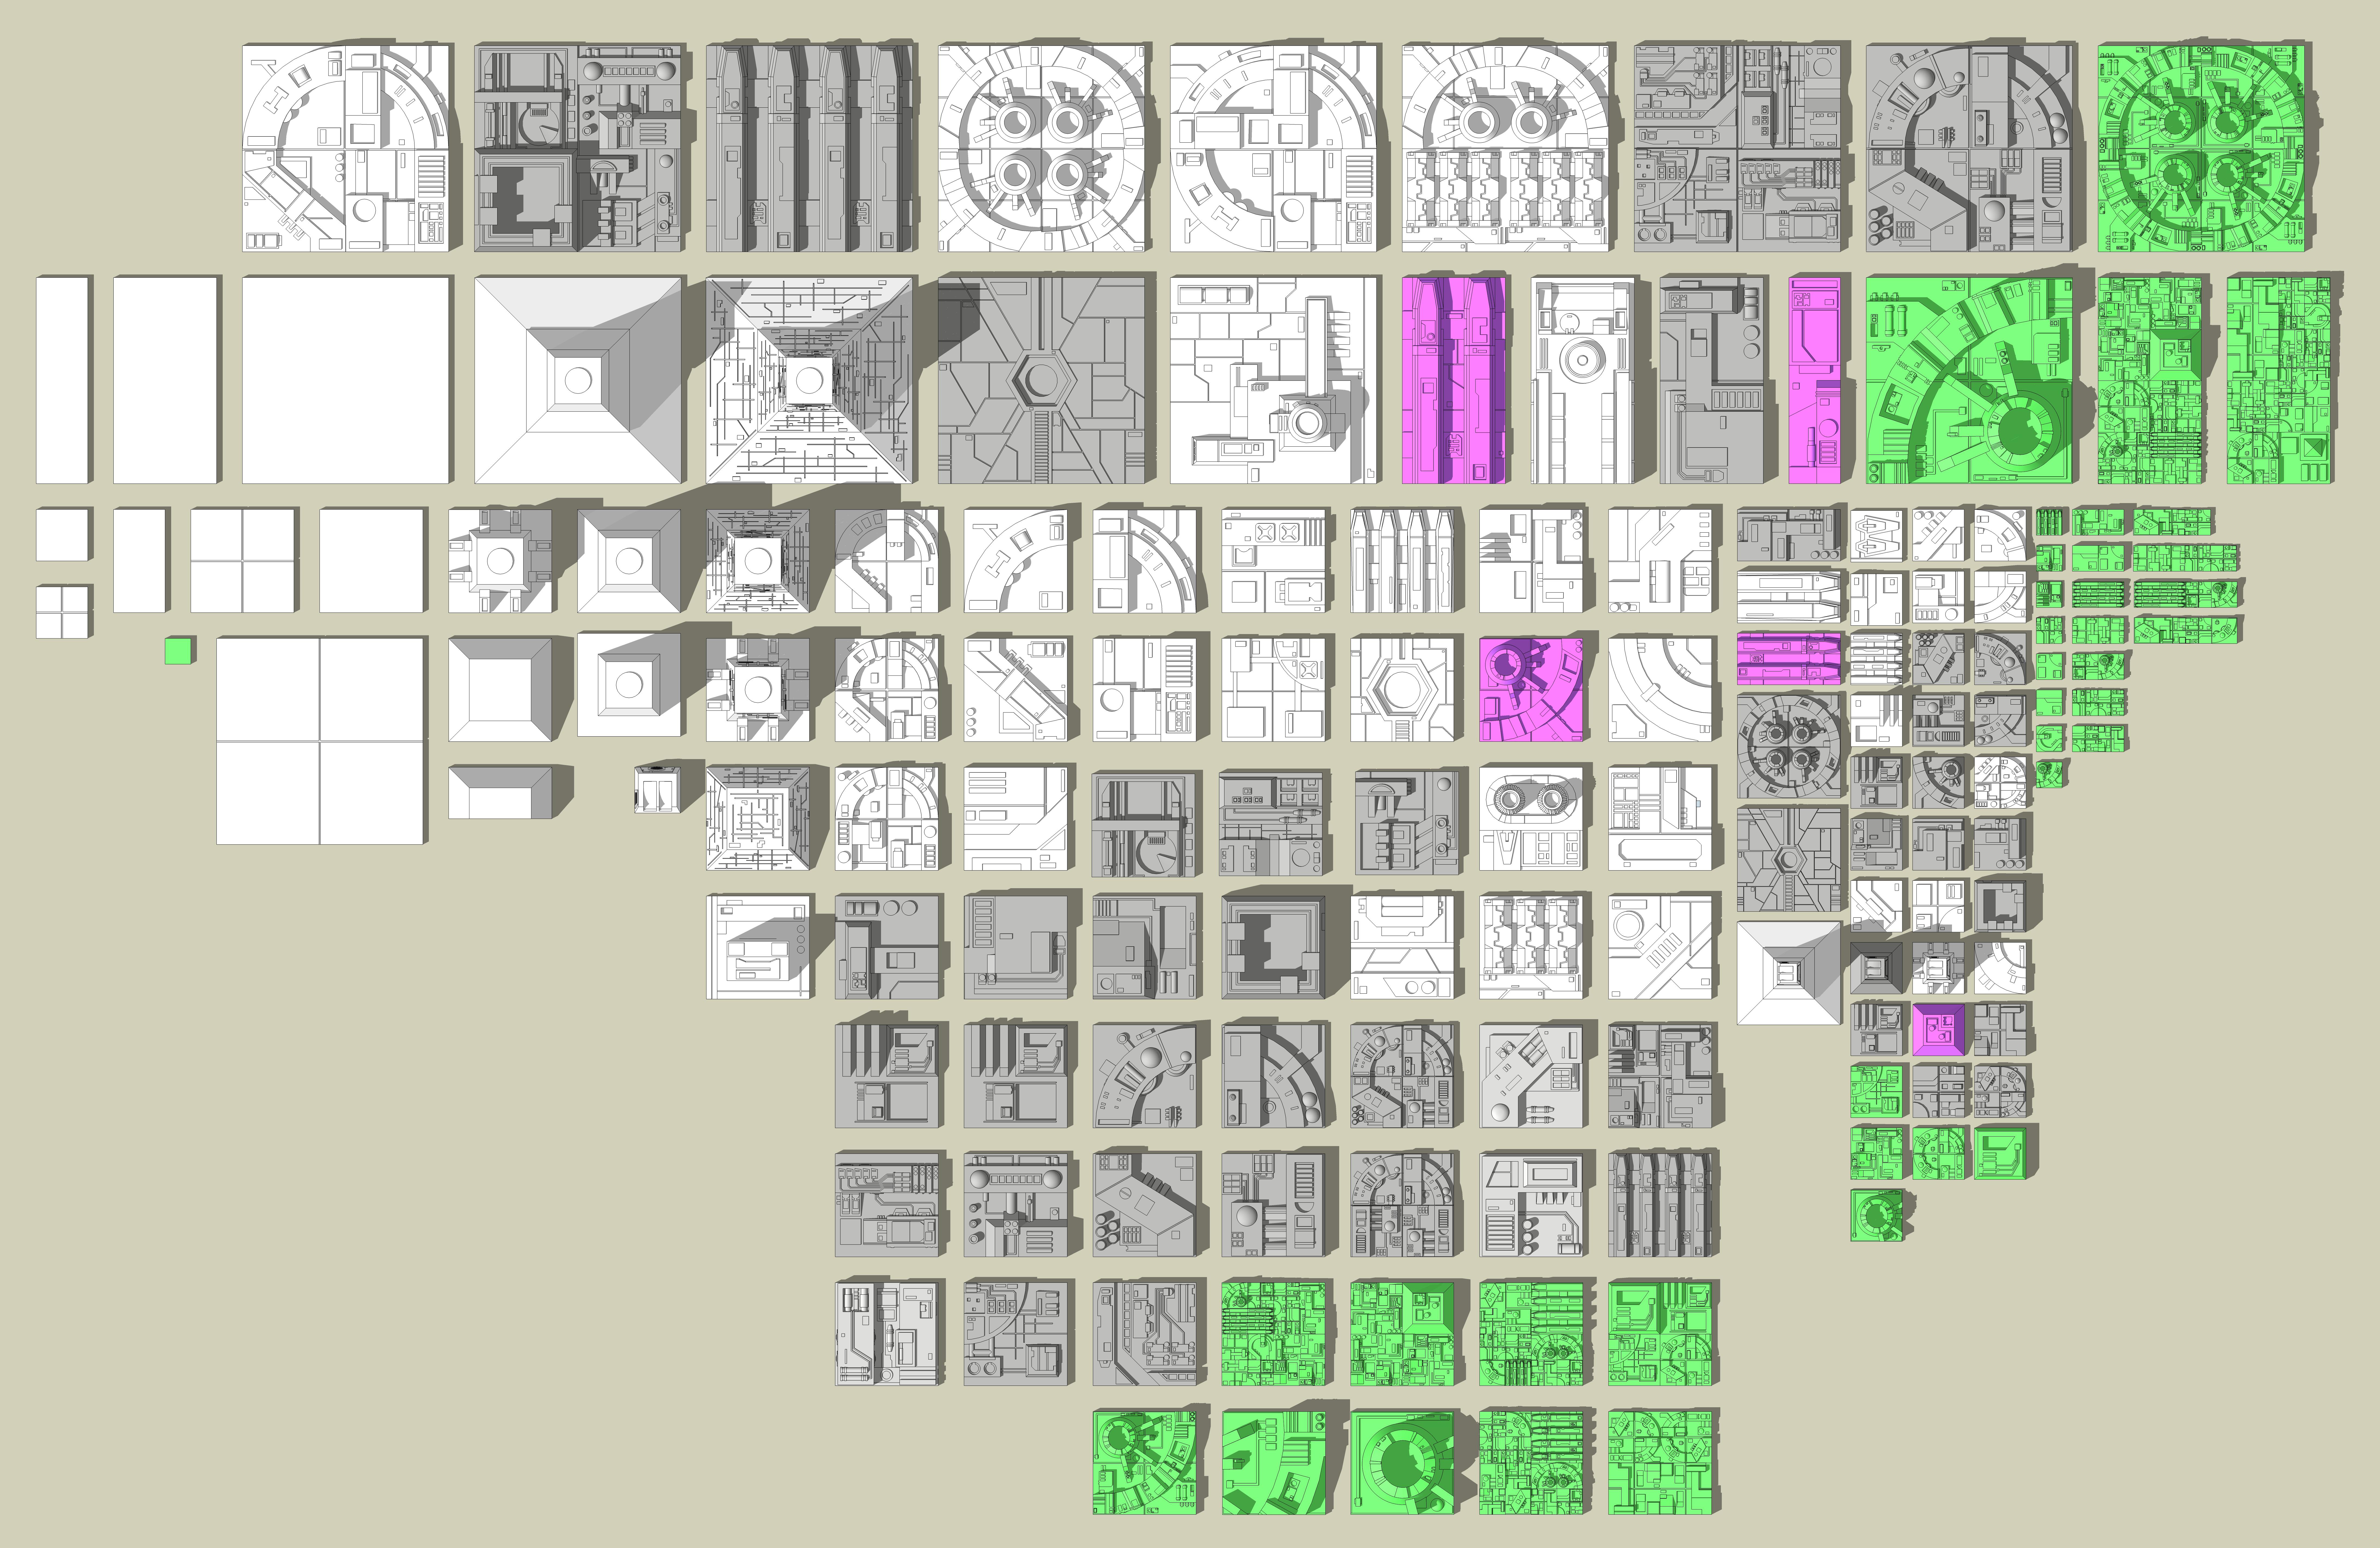 All-Tiles-Top-Ortho-v6.jpg